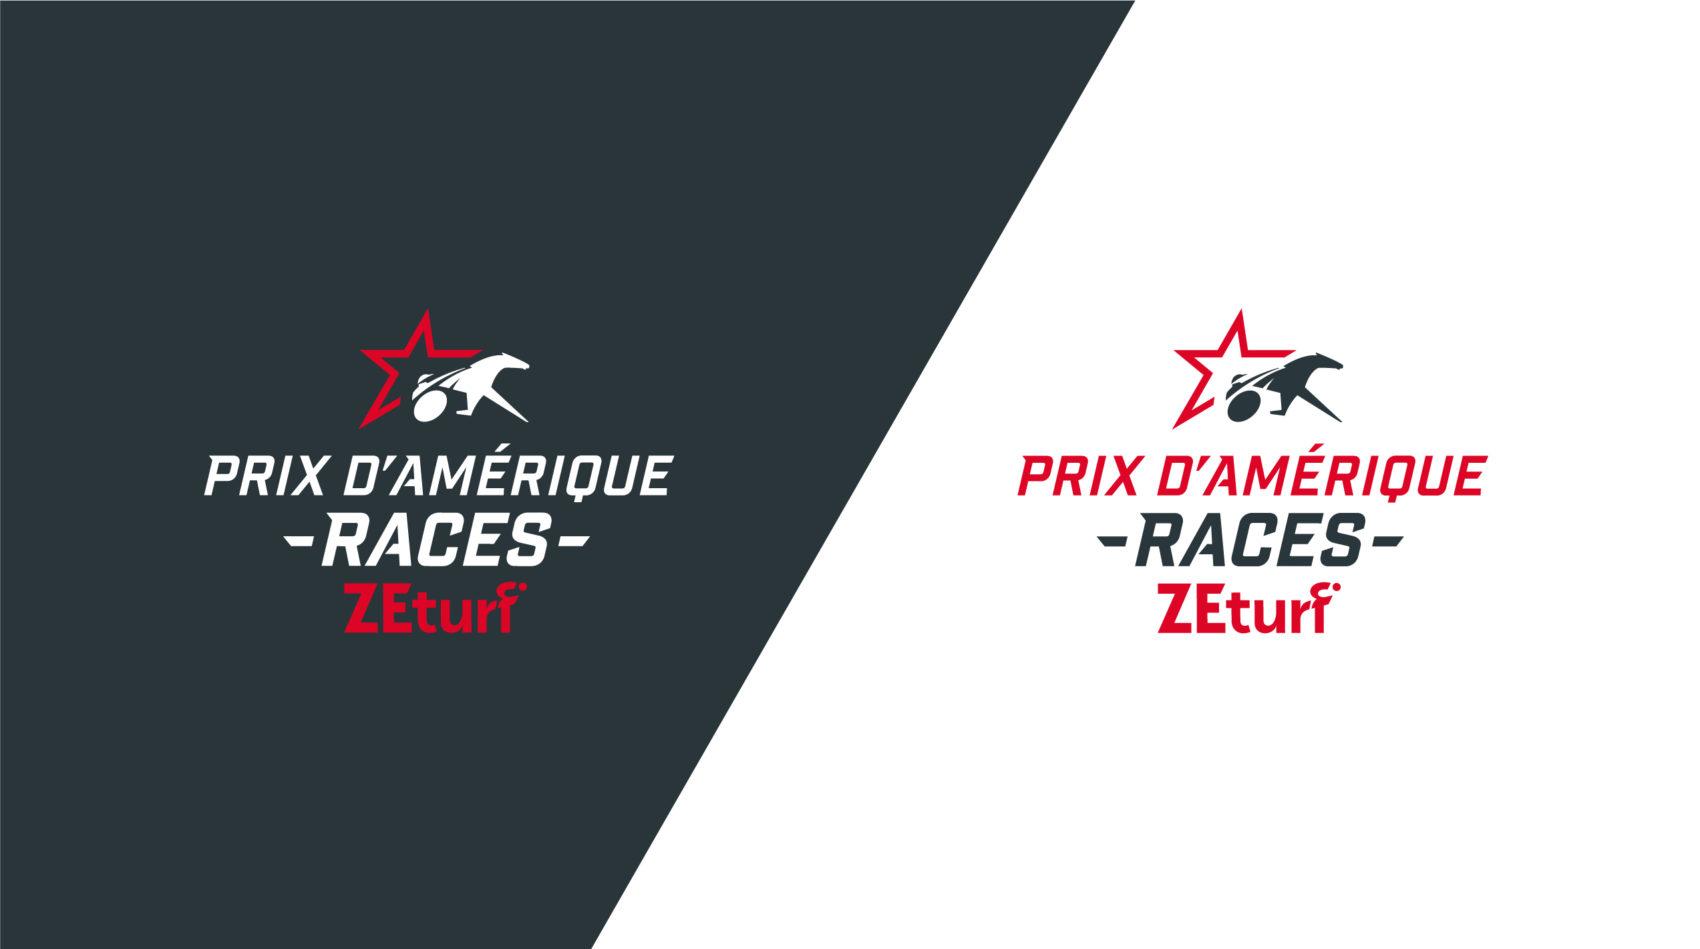 Cas_Agence_LeTROT_prix_damérique_races_zeturf_logo_2